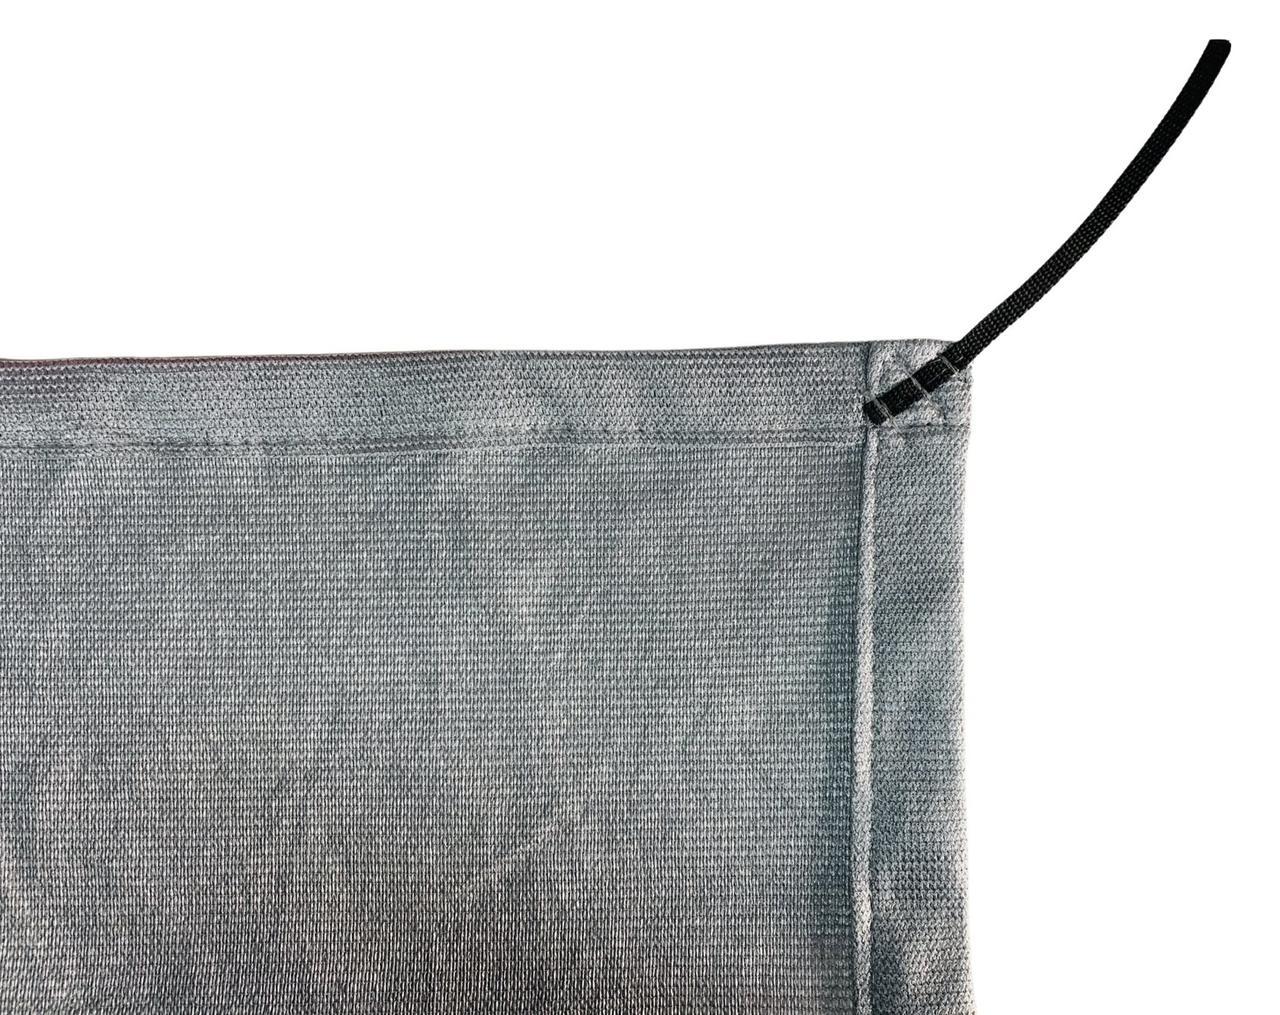 Tela de Sombreamento 90% Prata com Esticadores - Largura: 2,5 Metros